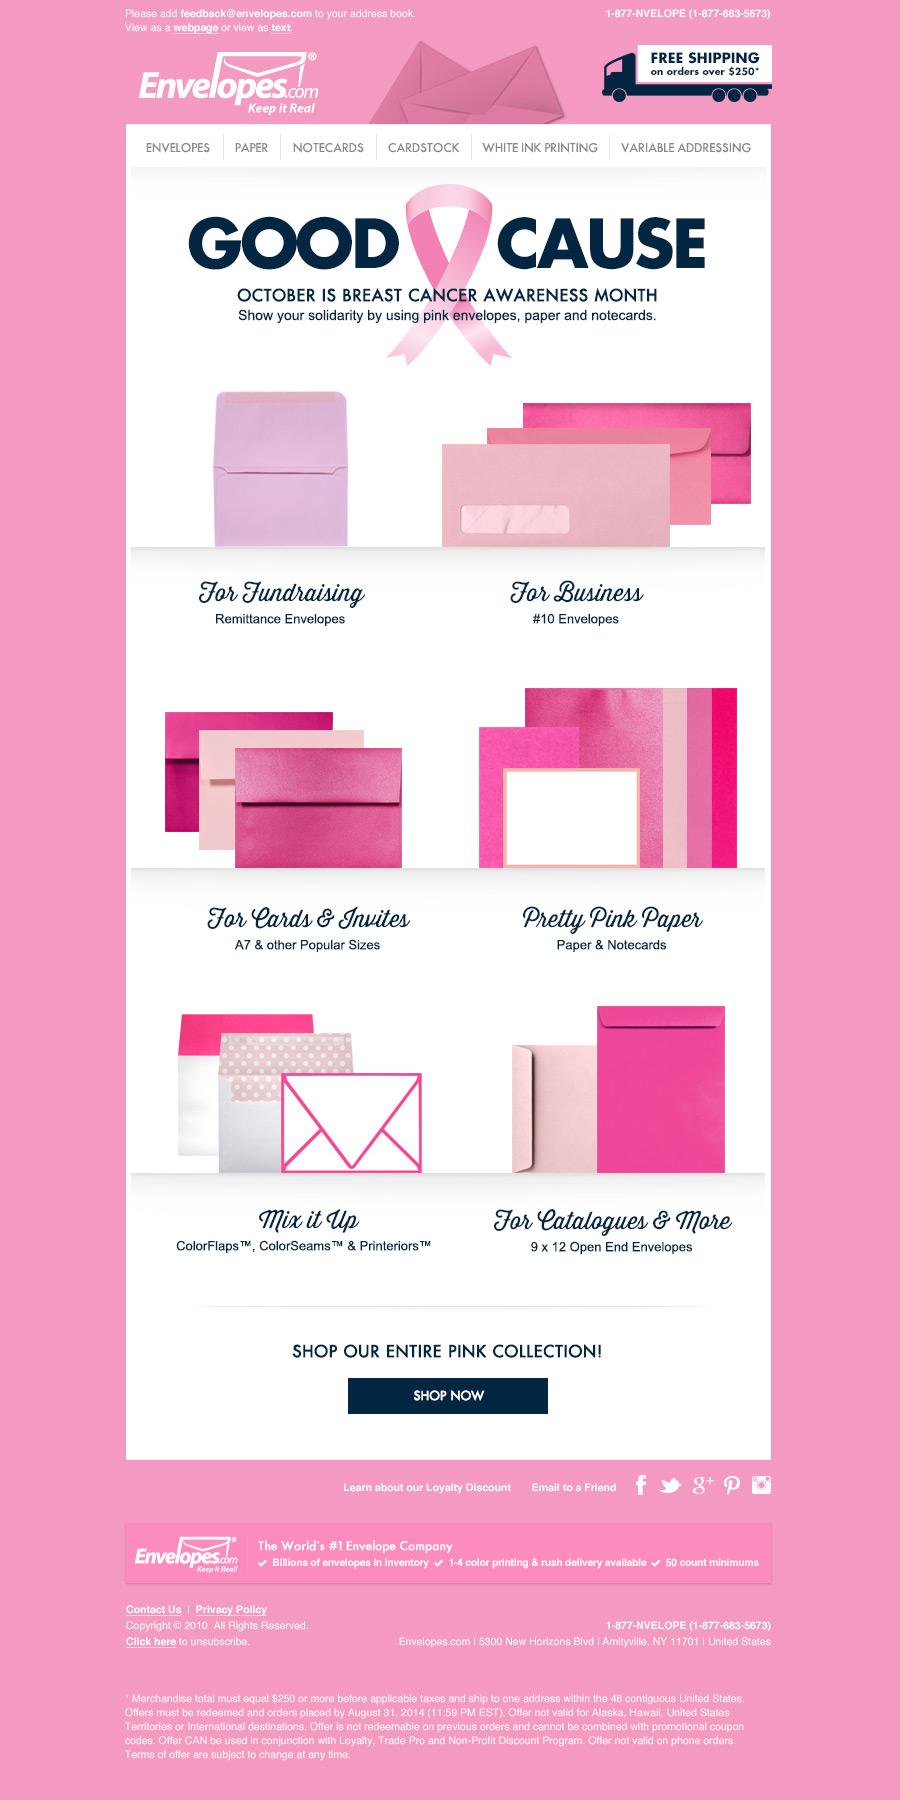 Pink_Envelopes_email_2014_v1b.jpg